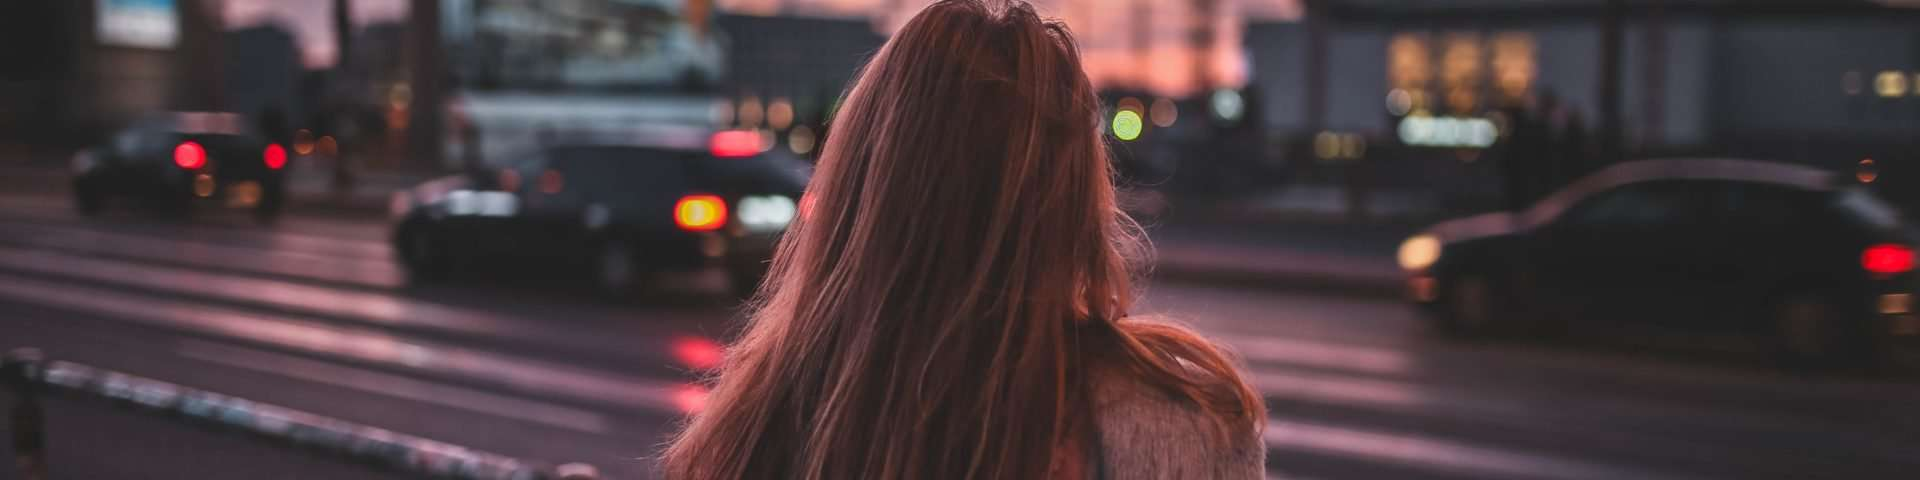 Vielleicht wird ein Teil von mir dich immer lieben - aber vielleicht ist das auch okay so